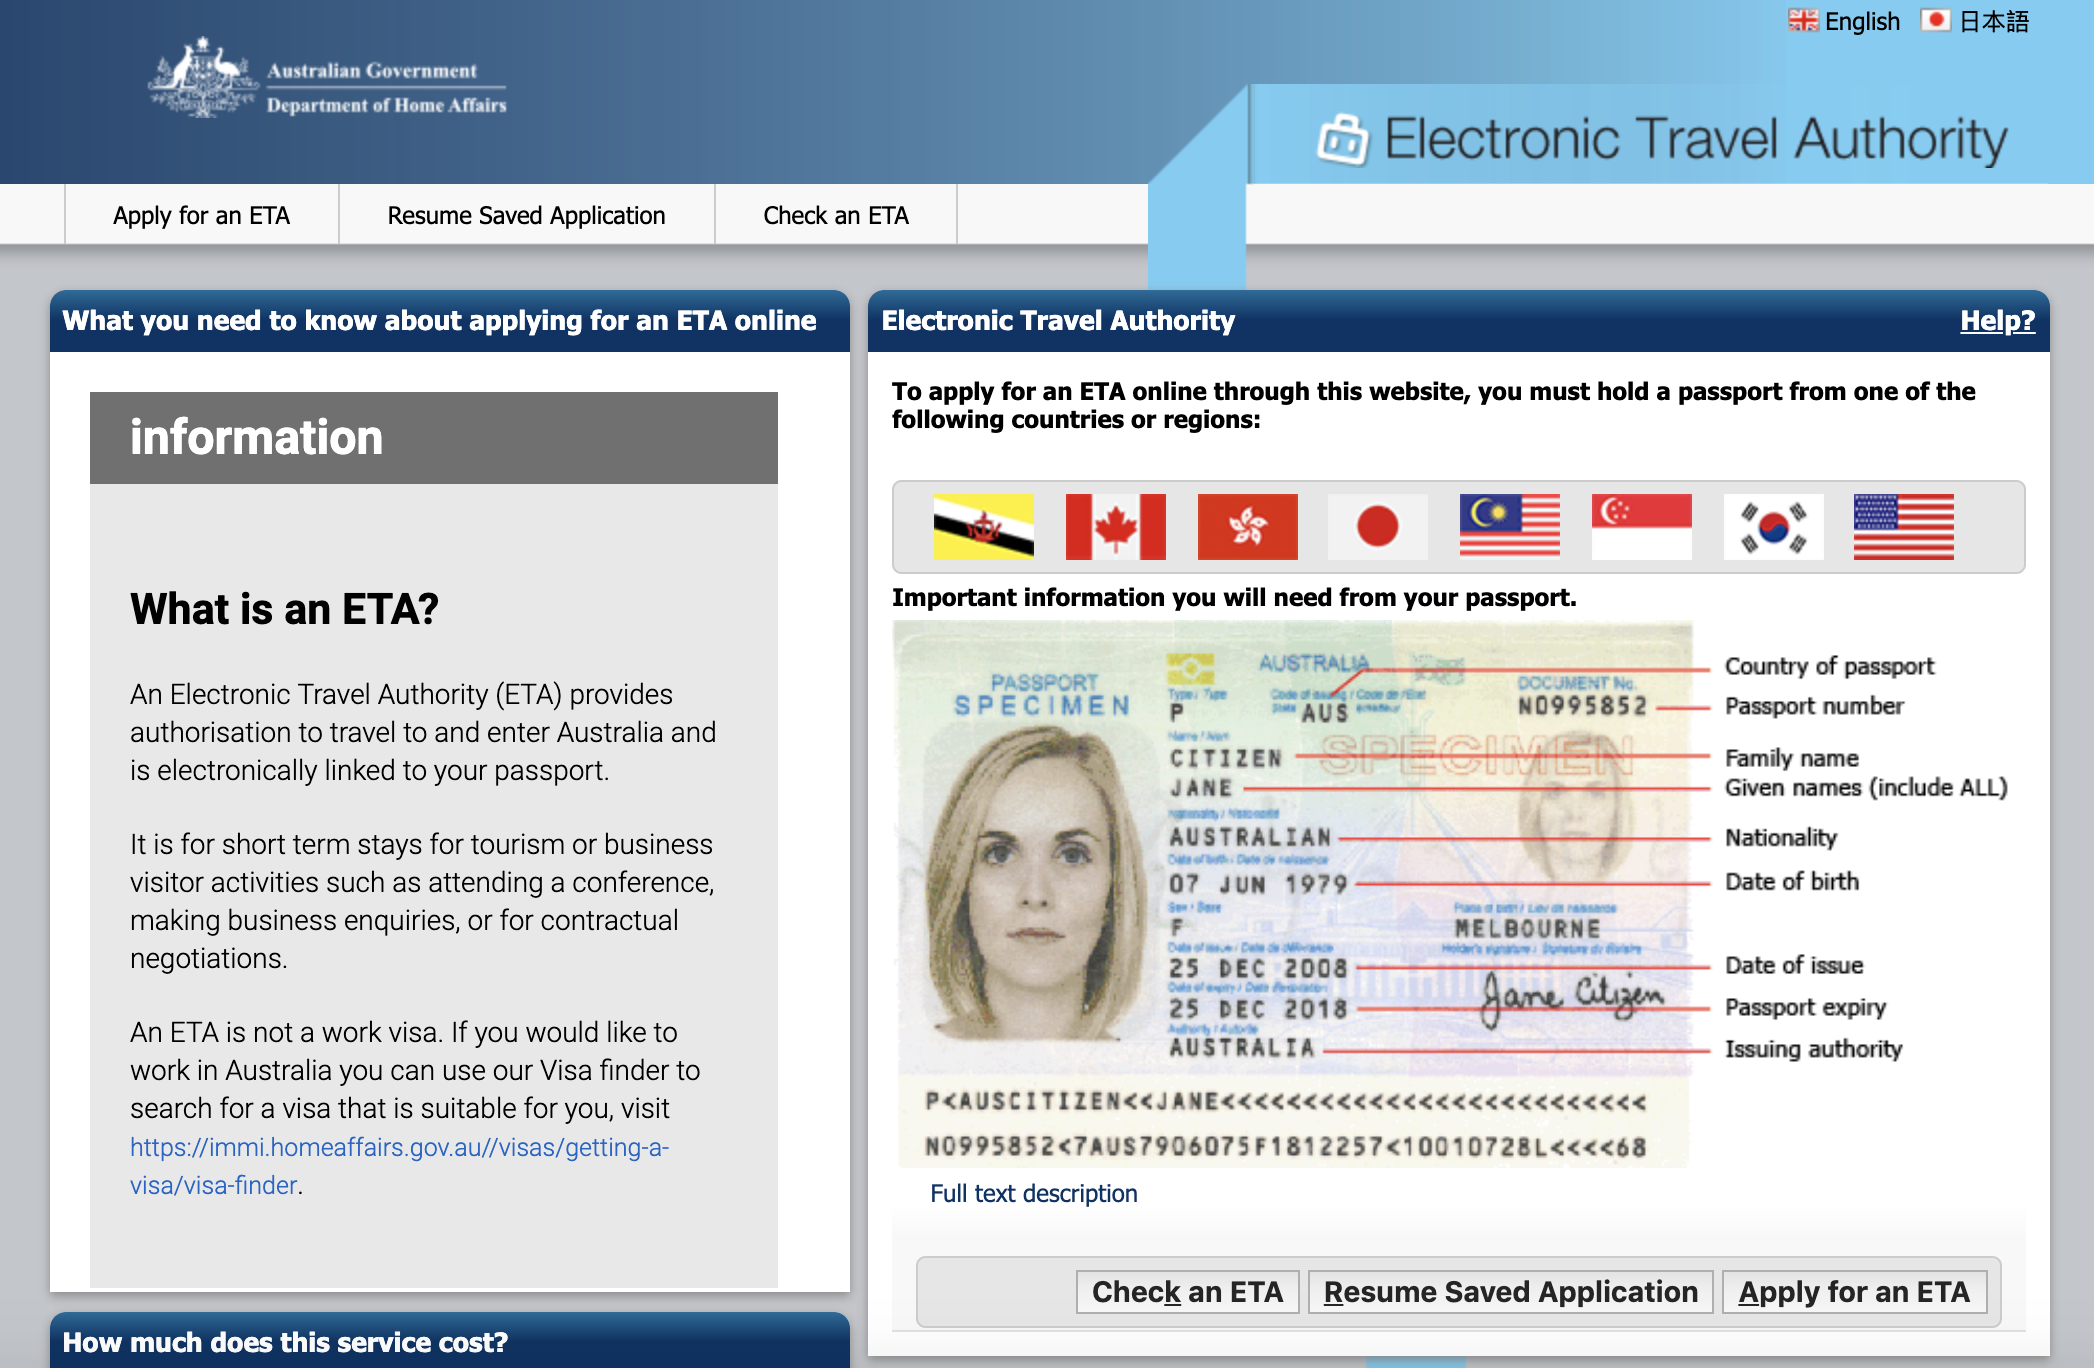 [澳洲] 準備悉尼行,申請澳洲簽證及ETA